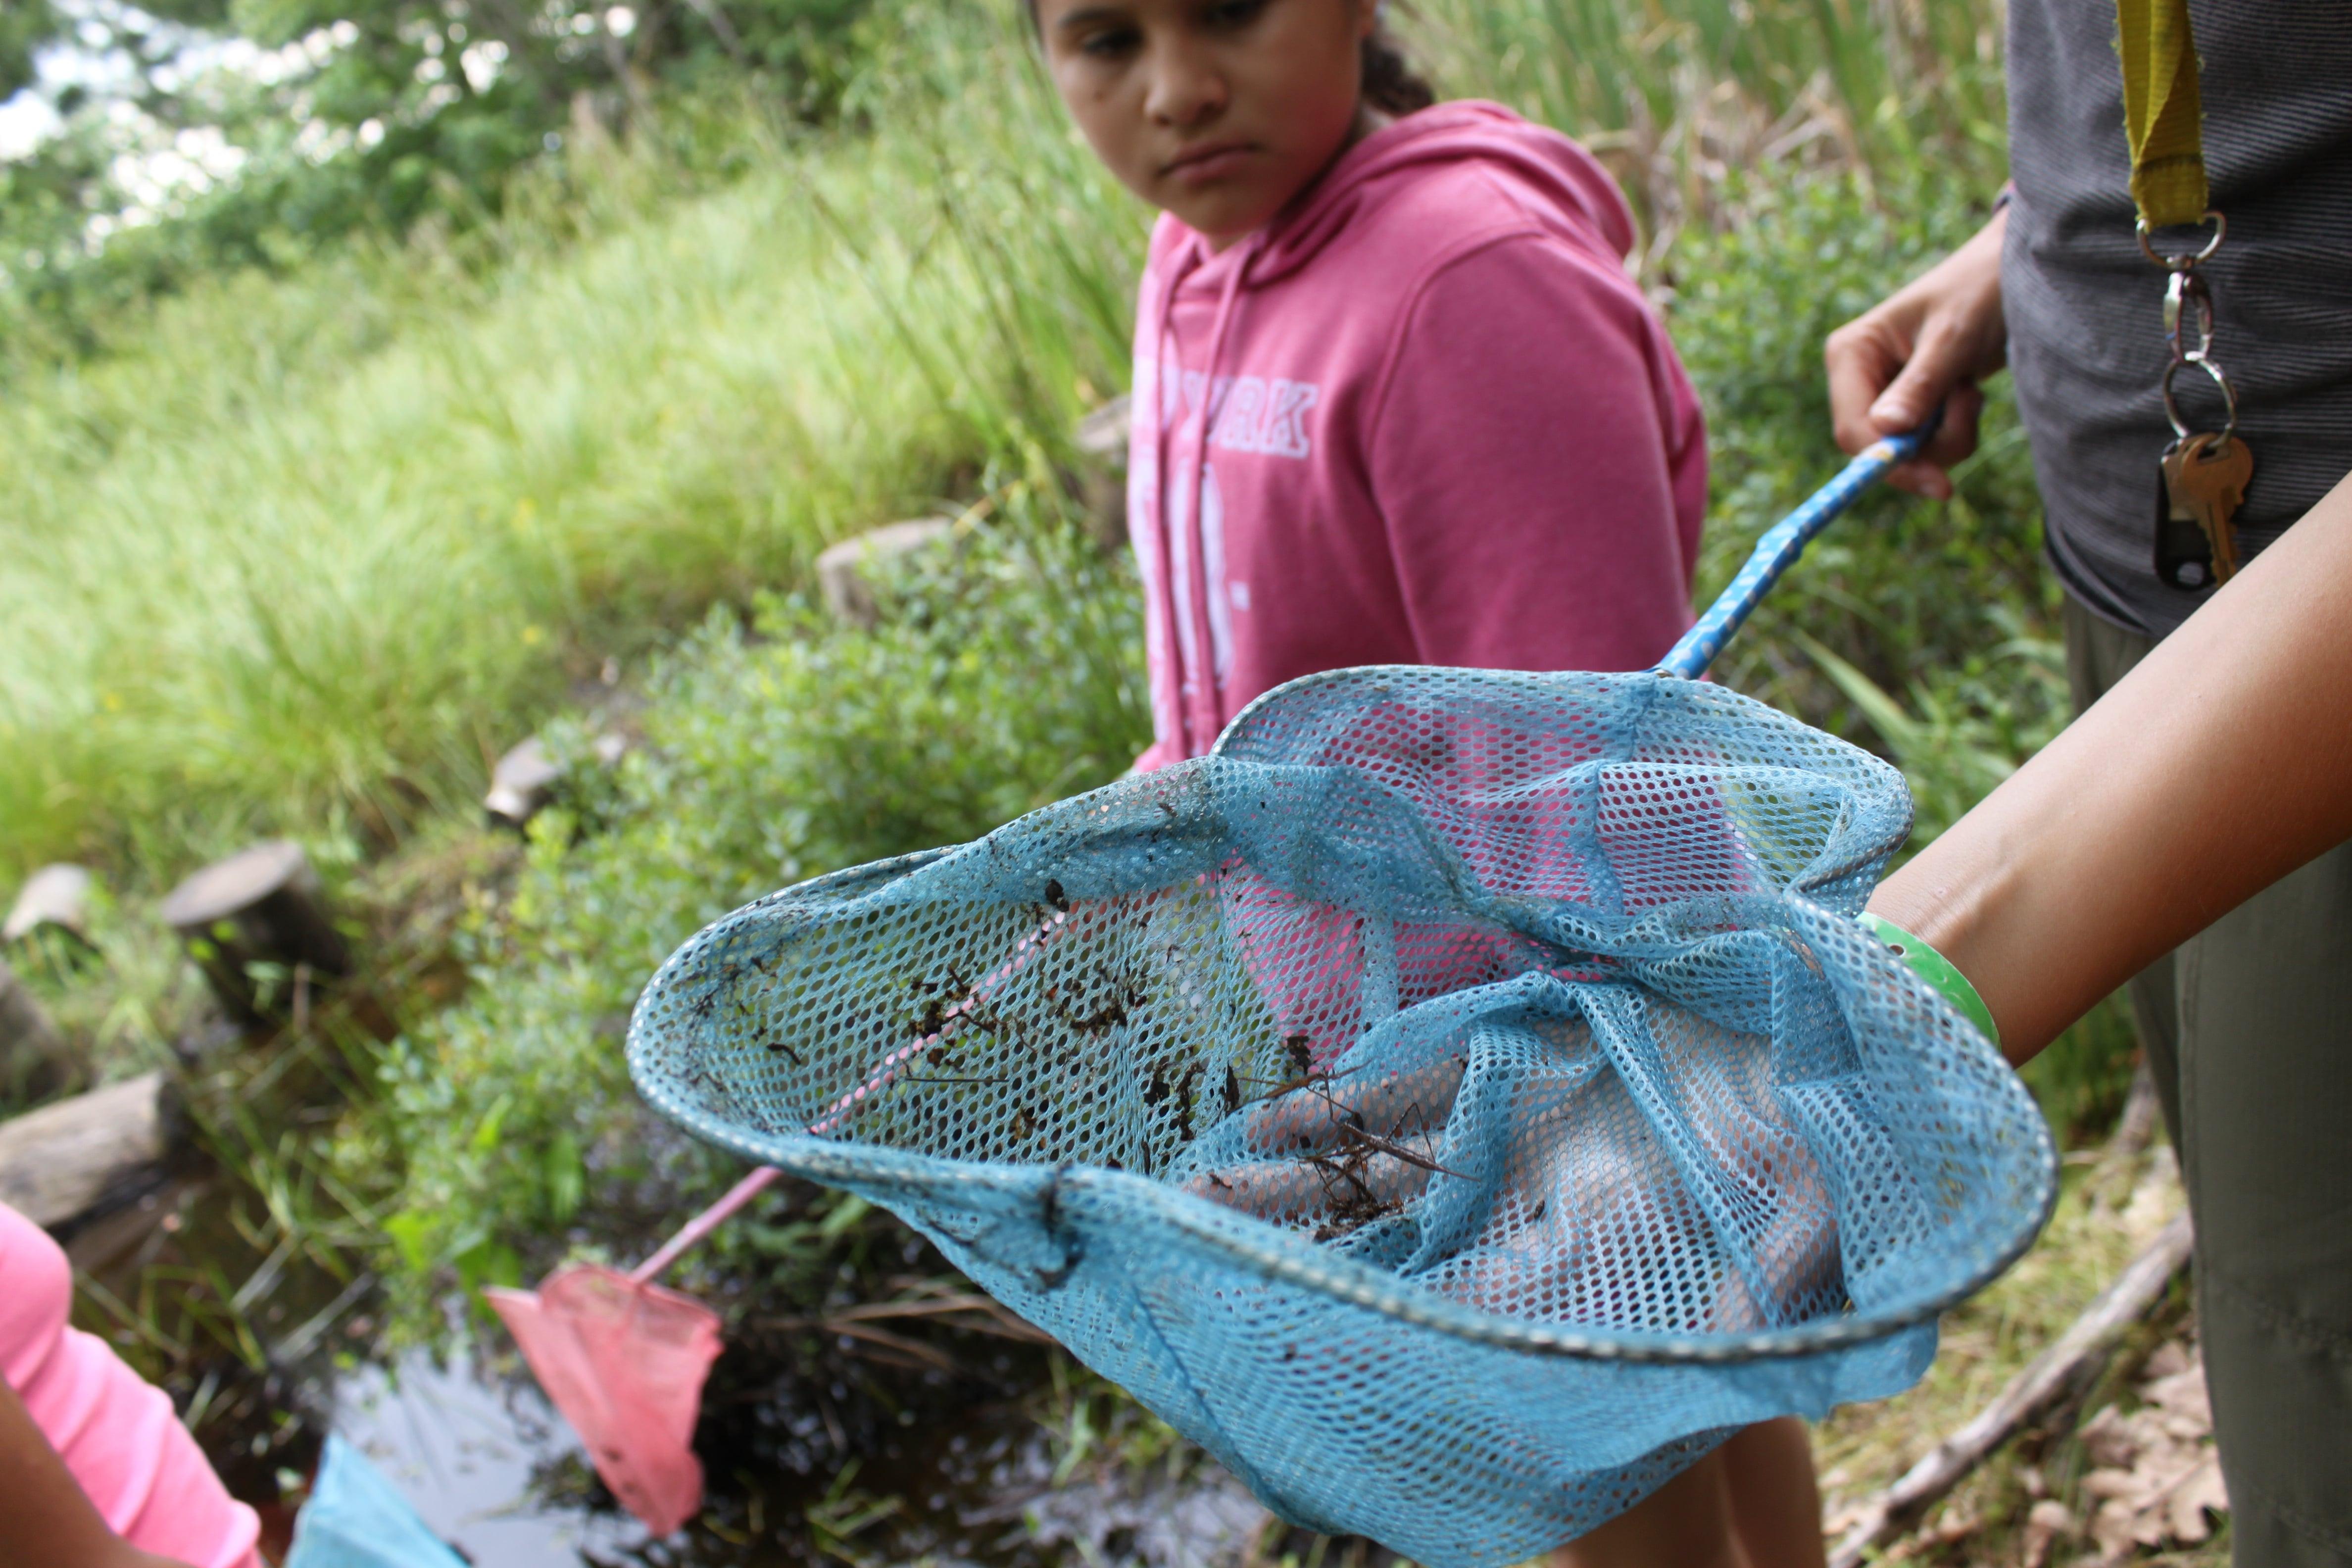 Amphibians: What's in Trips' net??